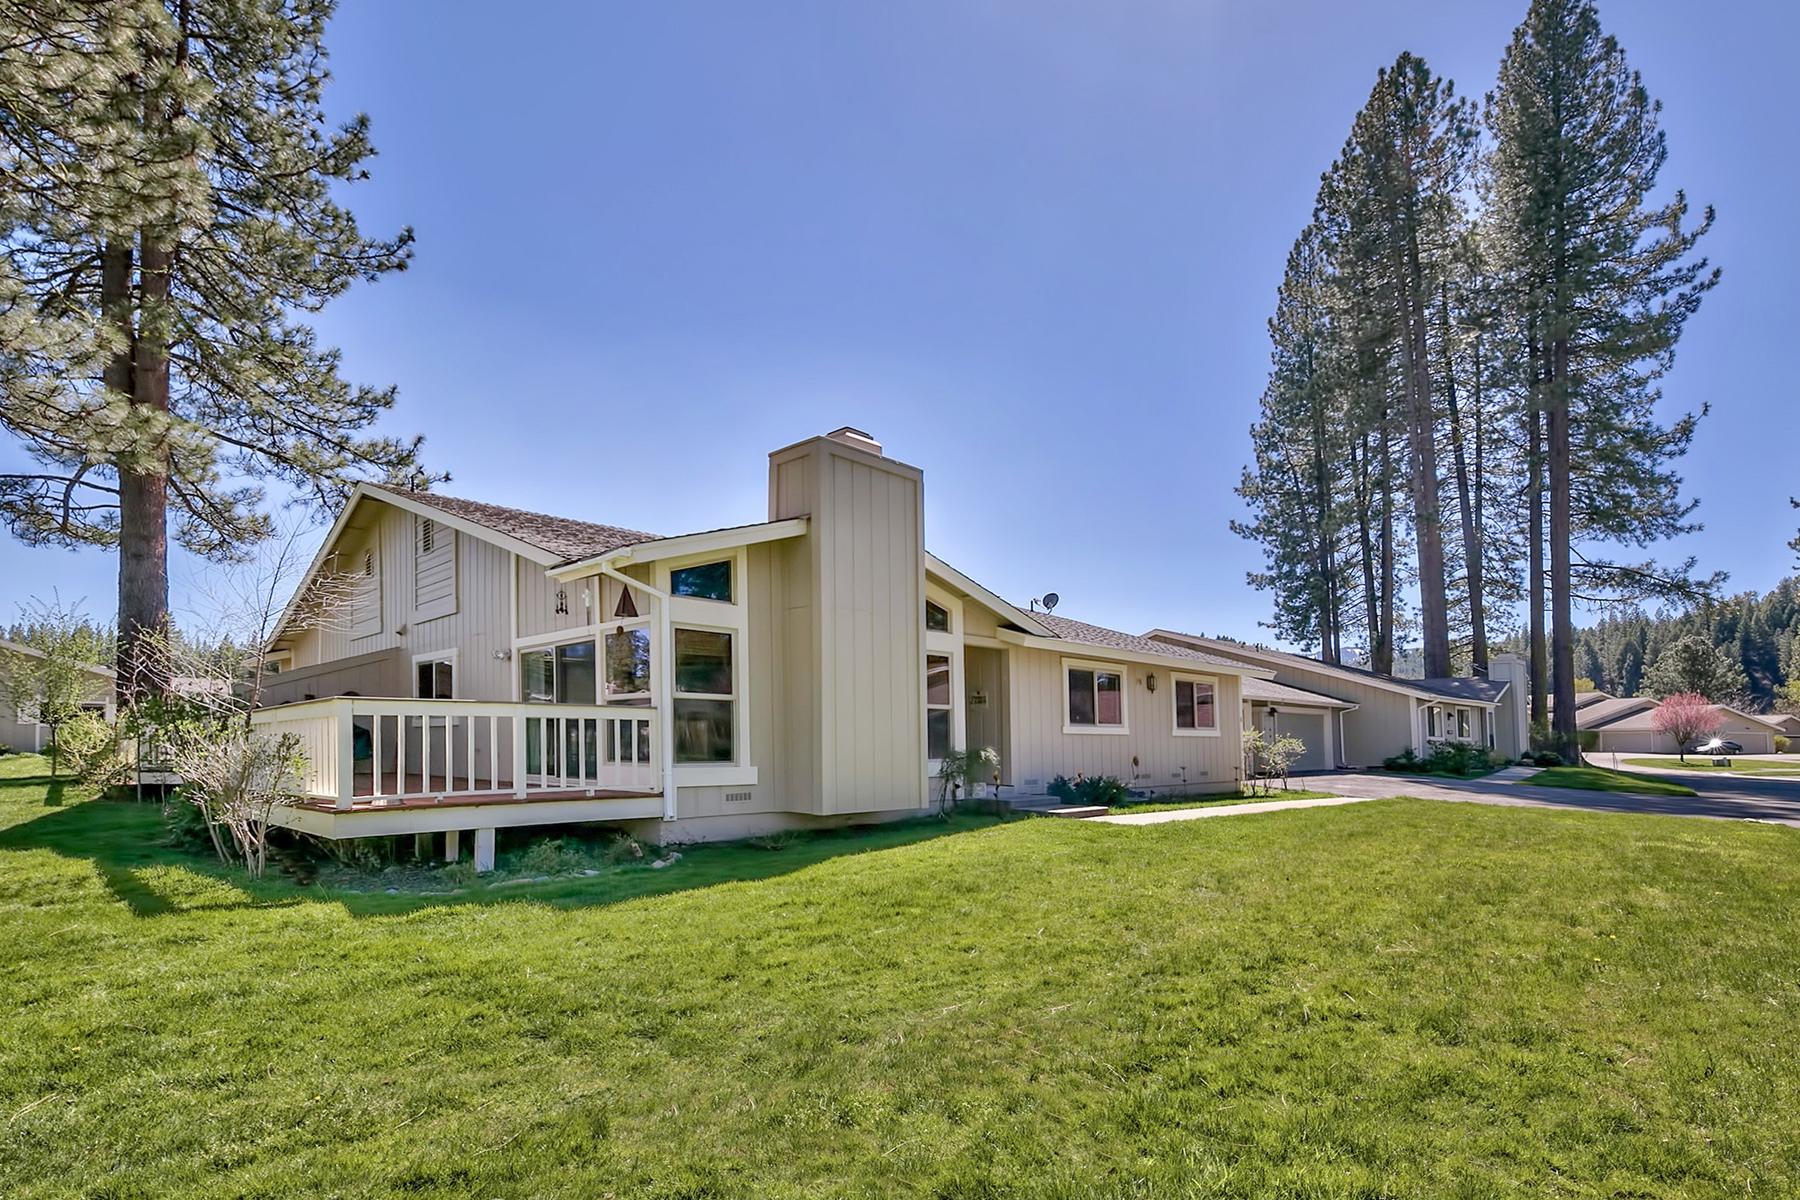 共管式独立产权公寓 为 销售 在 76 W Ponderosa Drive, Blairsden, California 96103 布赖尔斯登, 加利福尼亚州 96103 美国